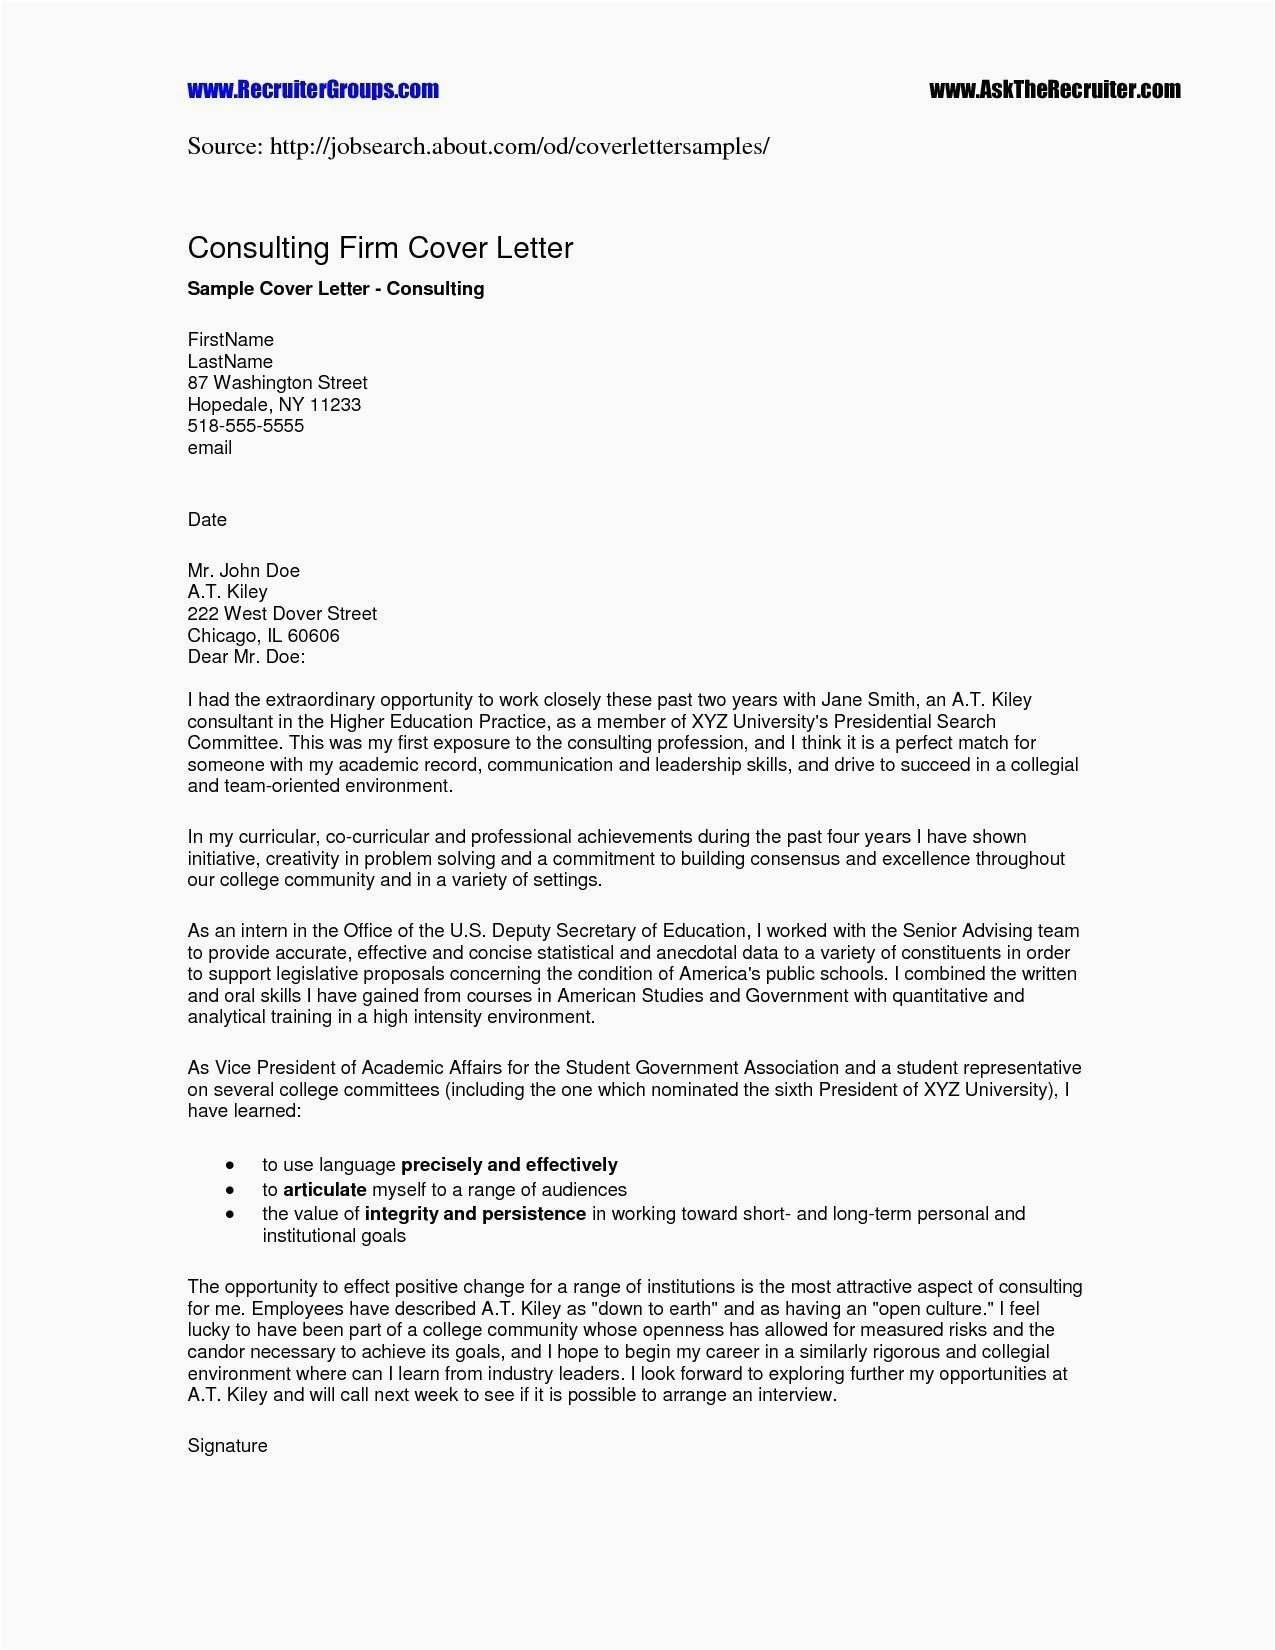 Business Dinner Invitation Sample Email  Cover letter for resume